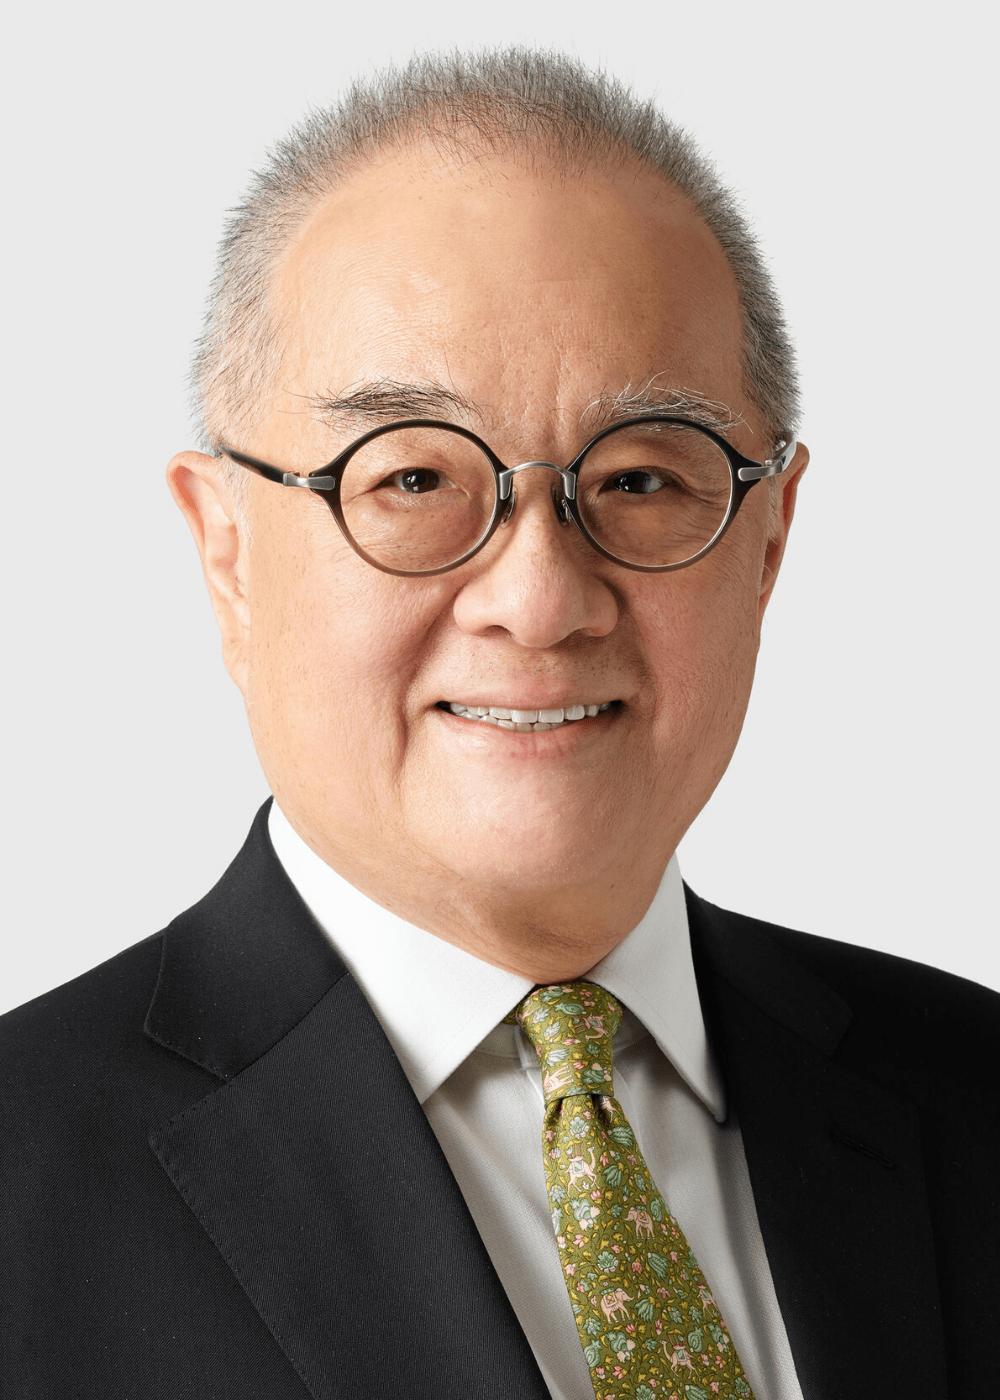 Moses Cheng